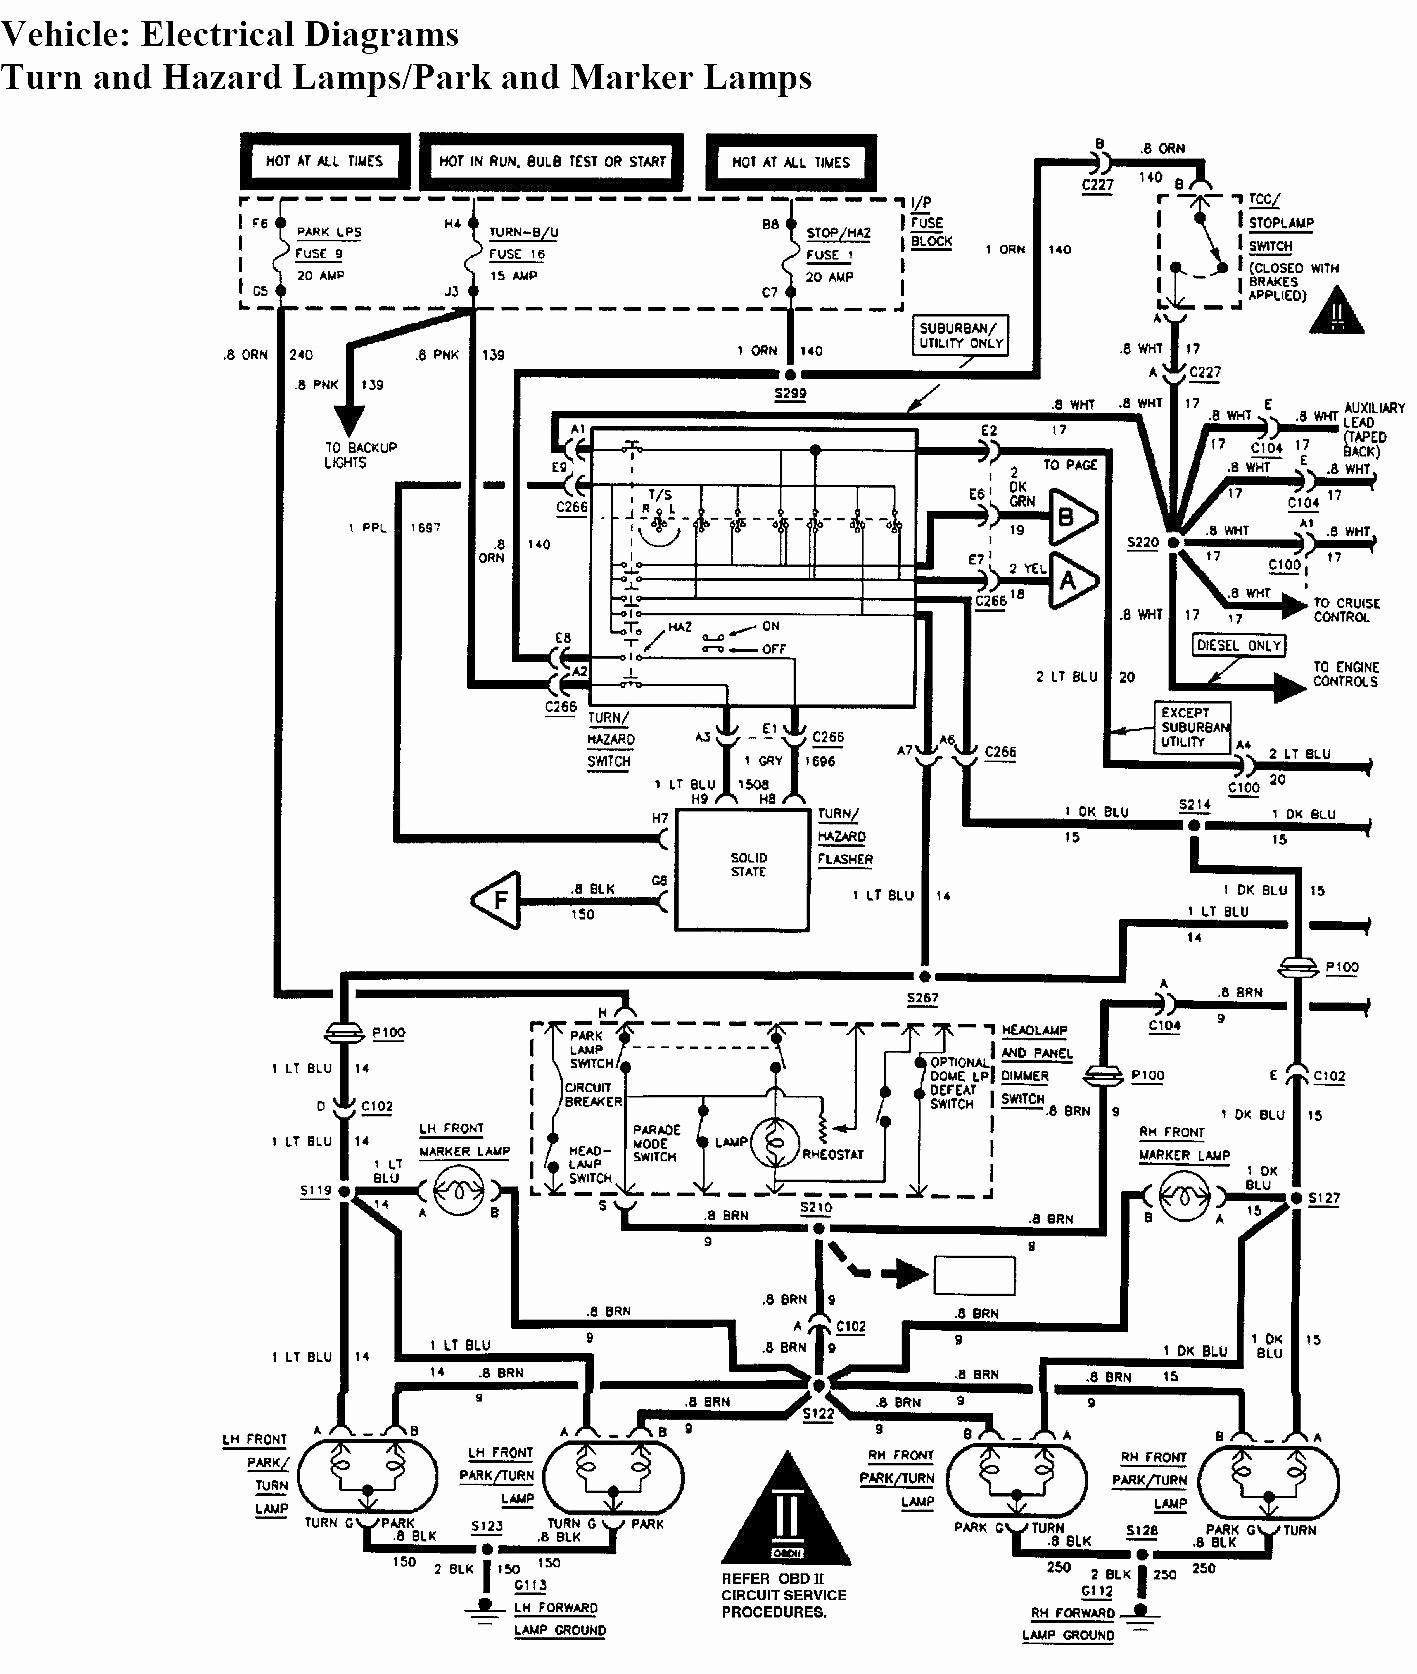 2005 Silverado Wiring Diagram